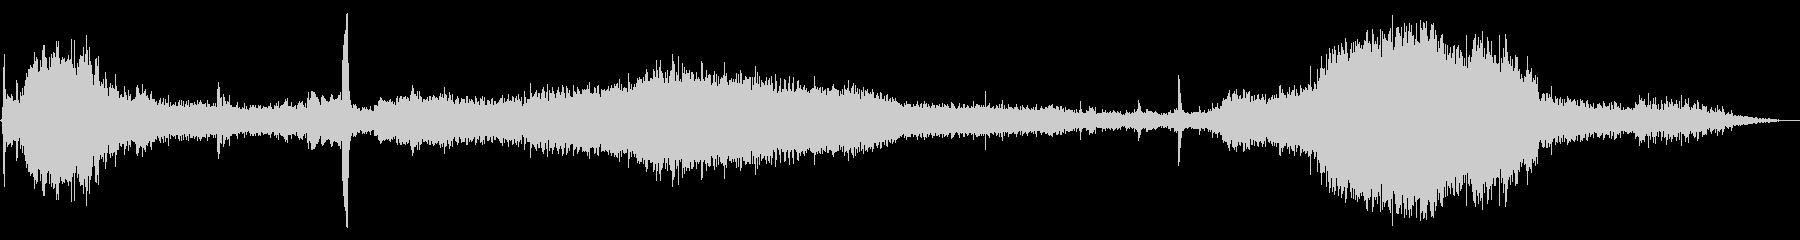 スクールバス:内線:開始、短いUタ...の未再生の波形